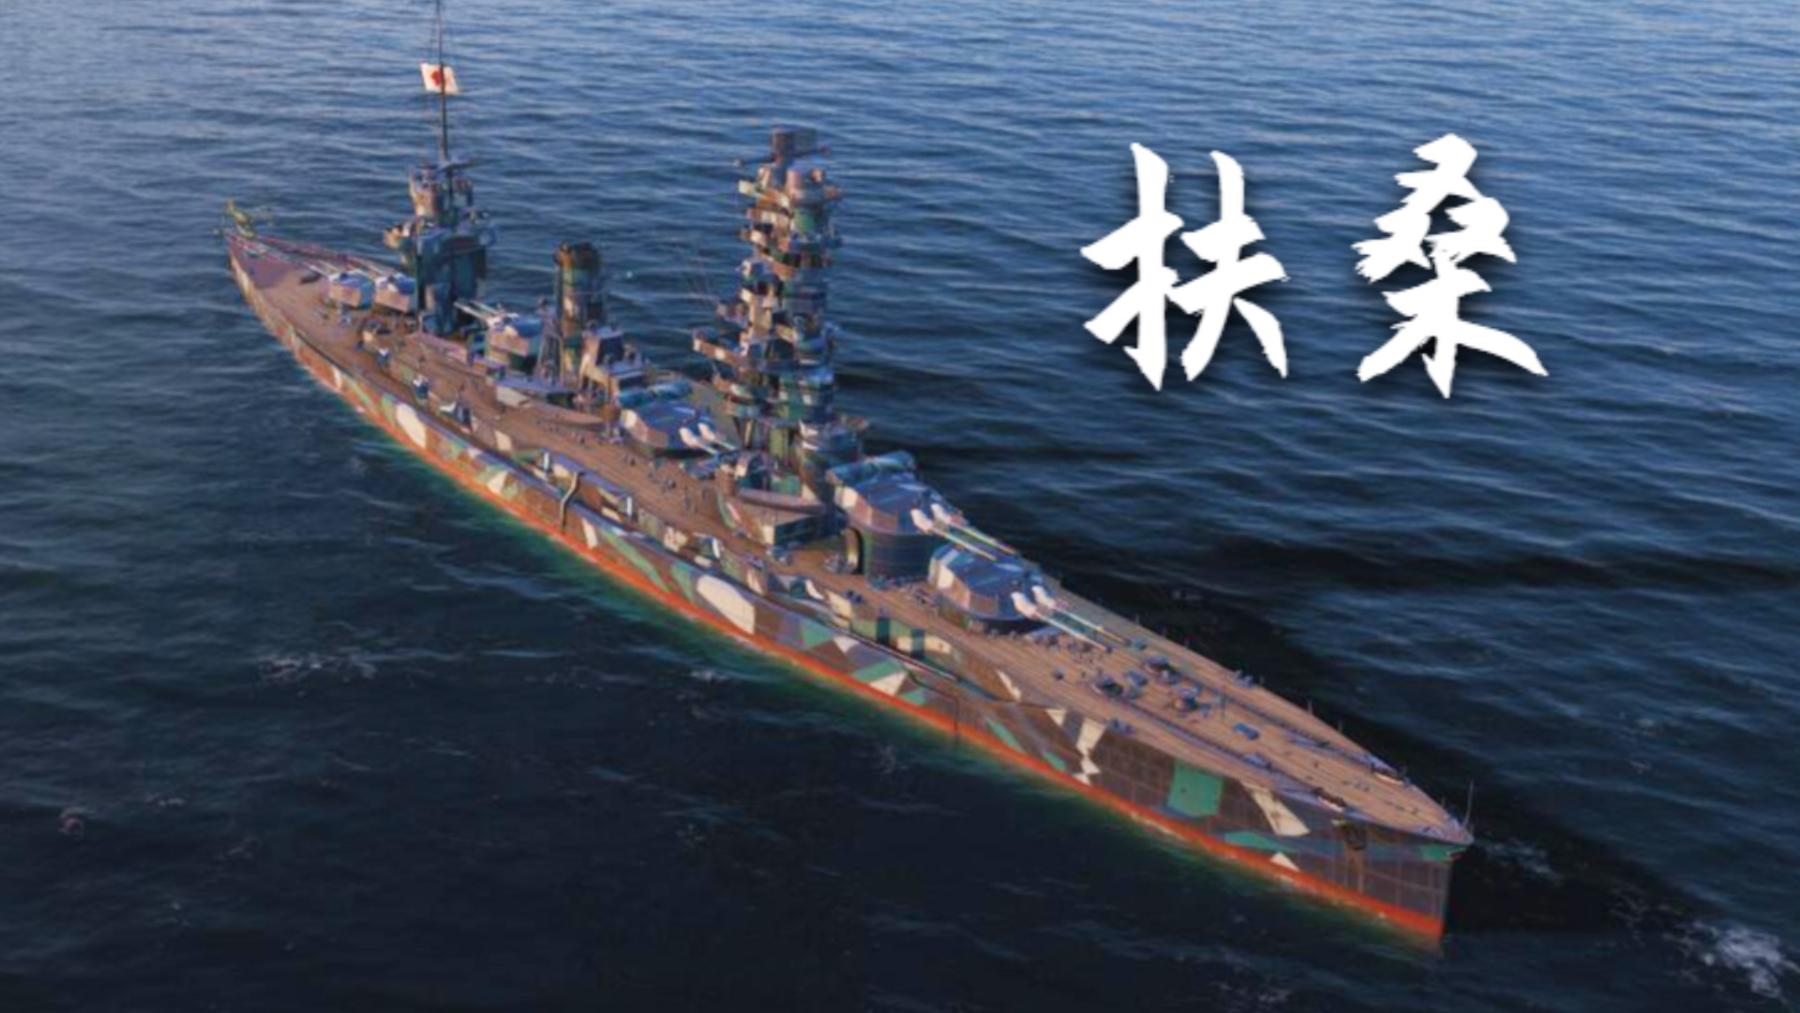 【战舰世界】扶桑:4杀 - 19万输出(海峡)